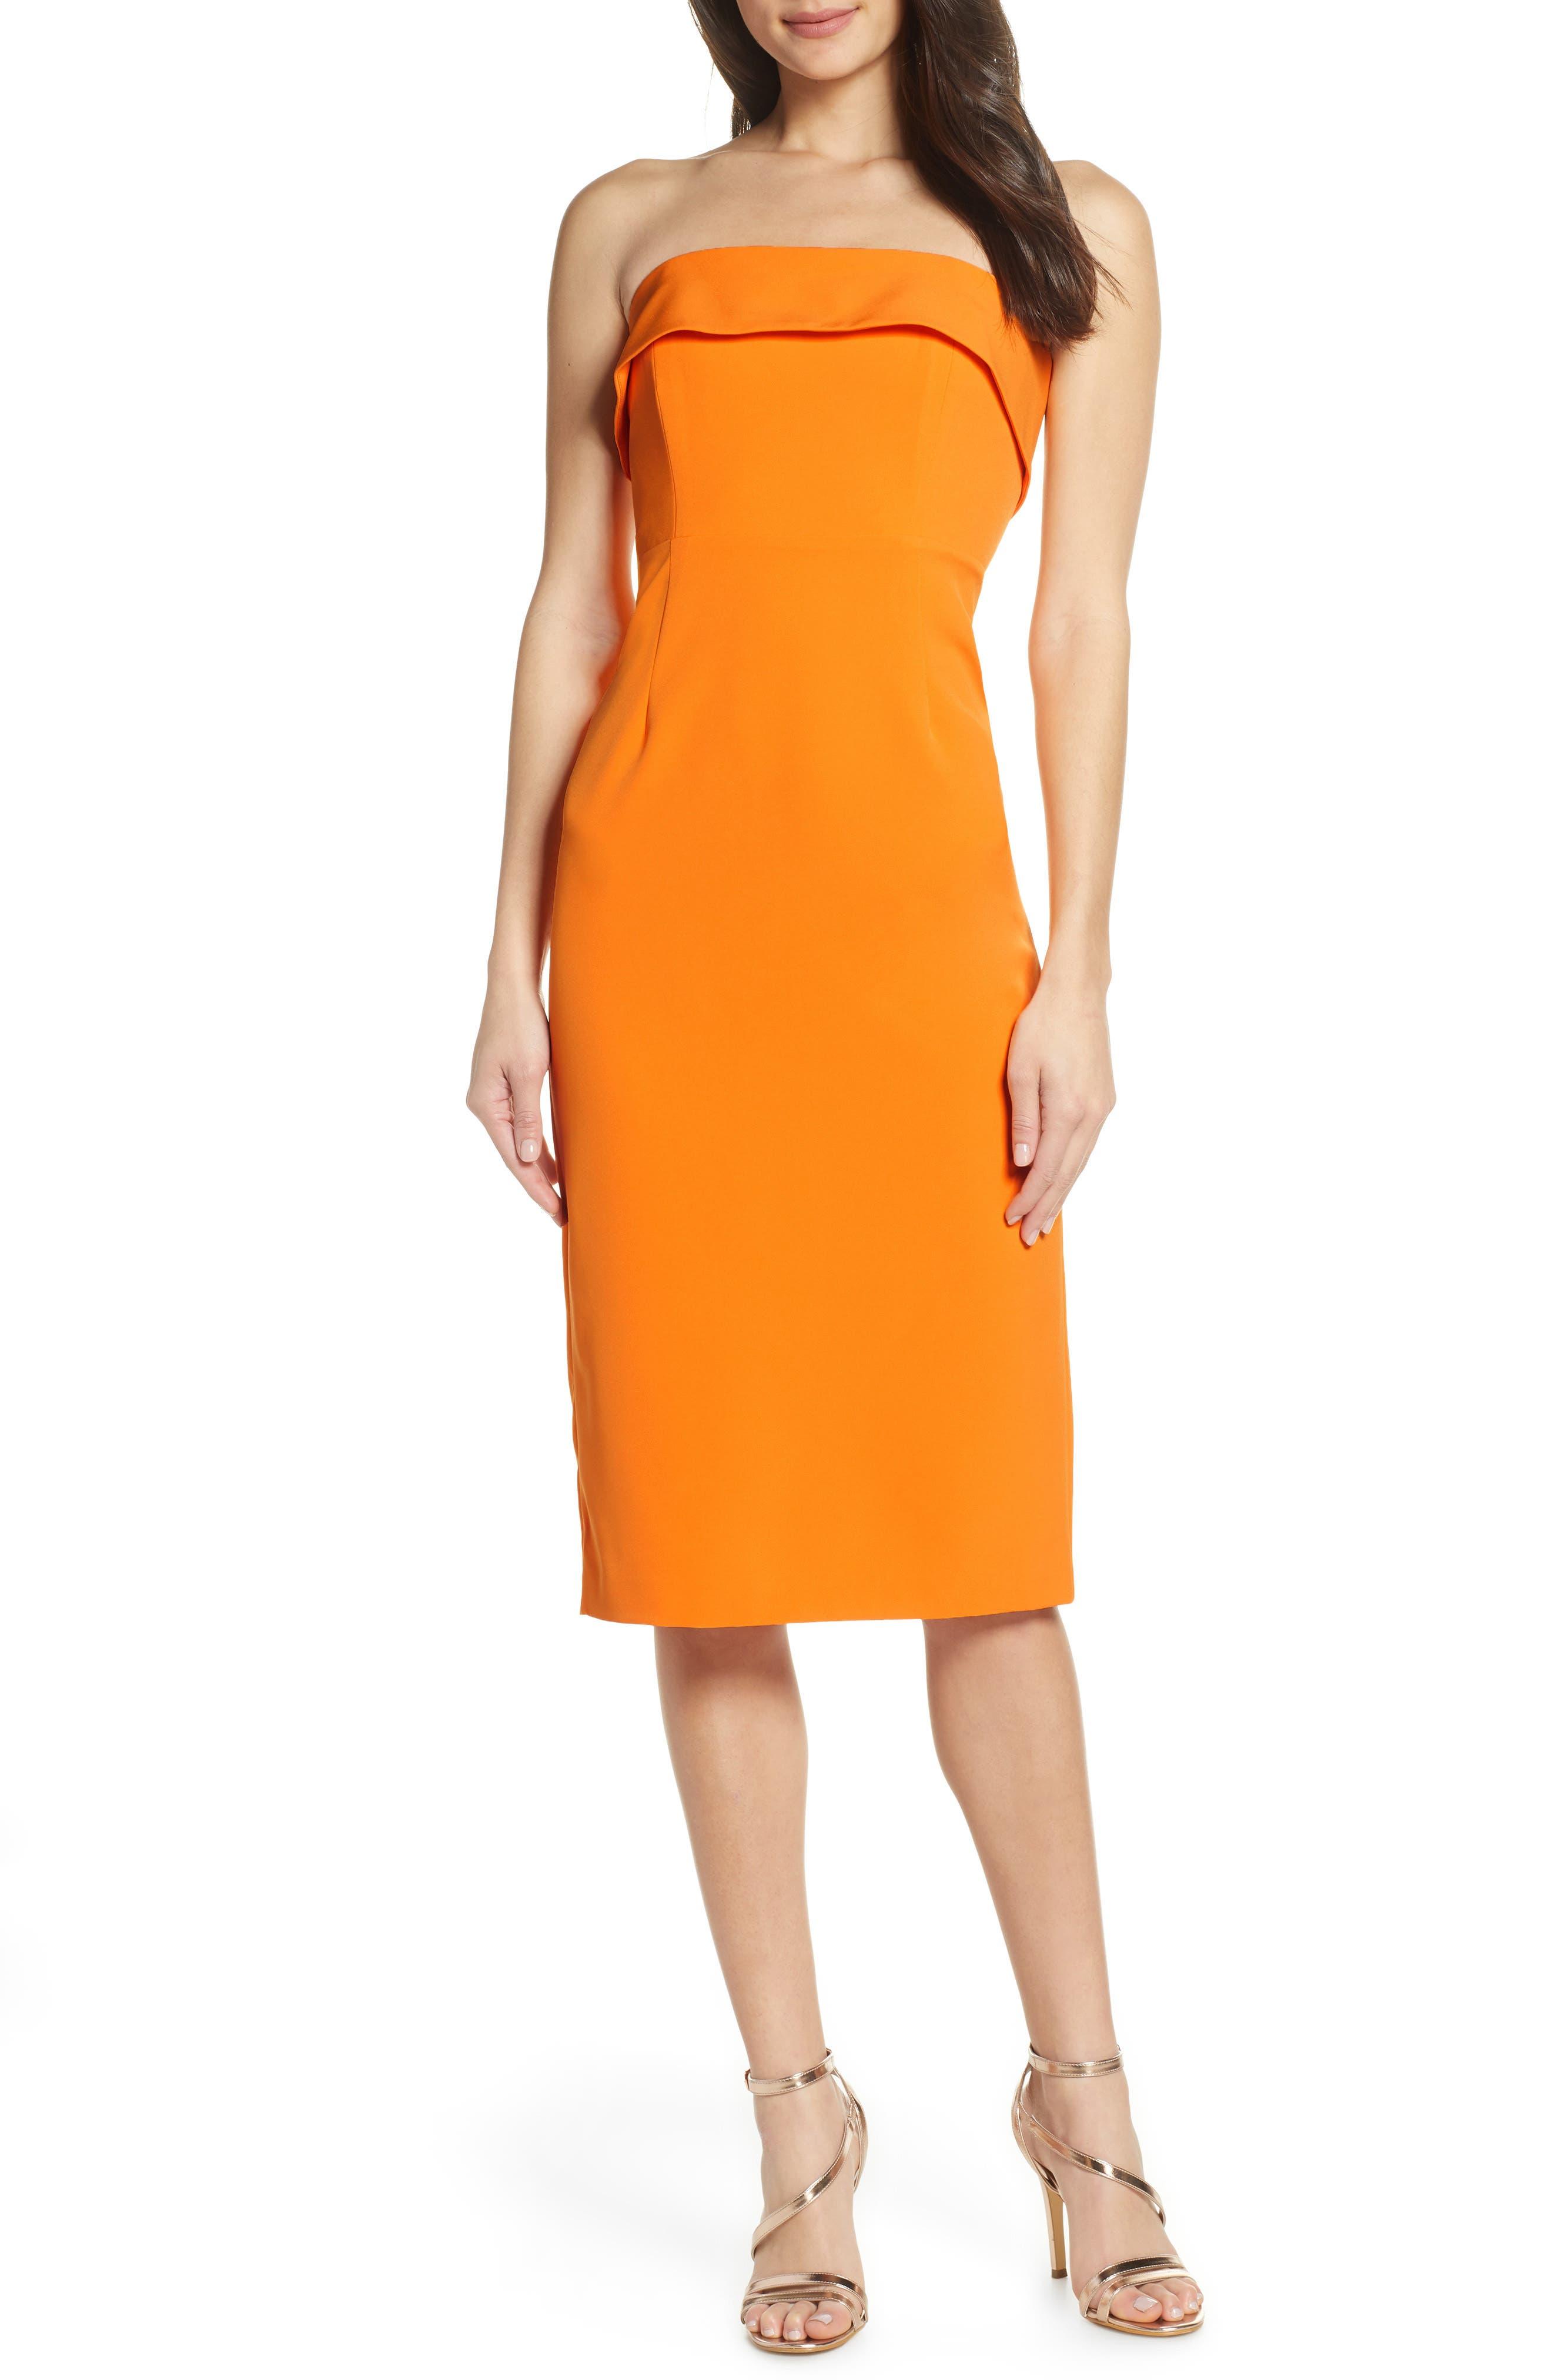 Burnt Orange Hi-Low Dresses